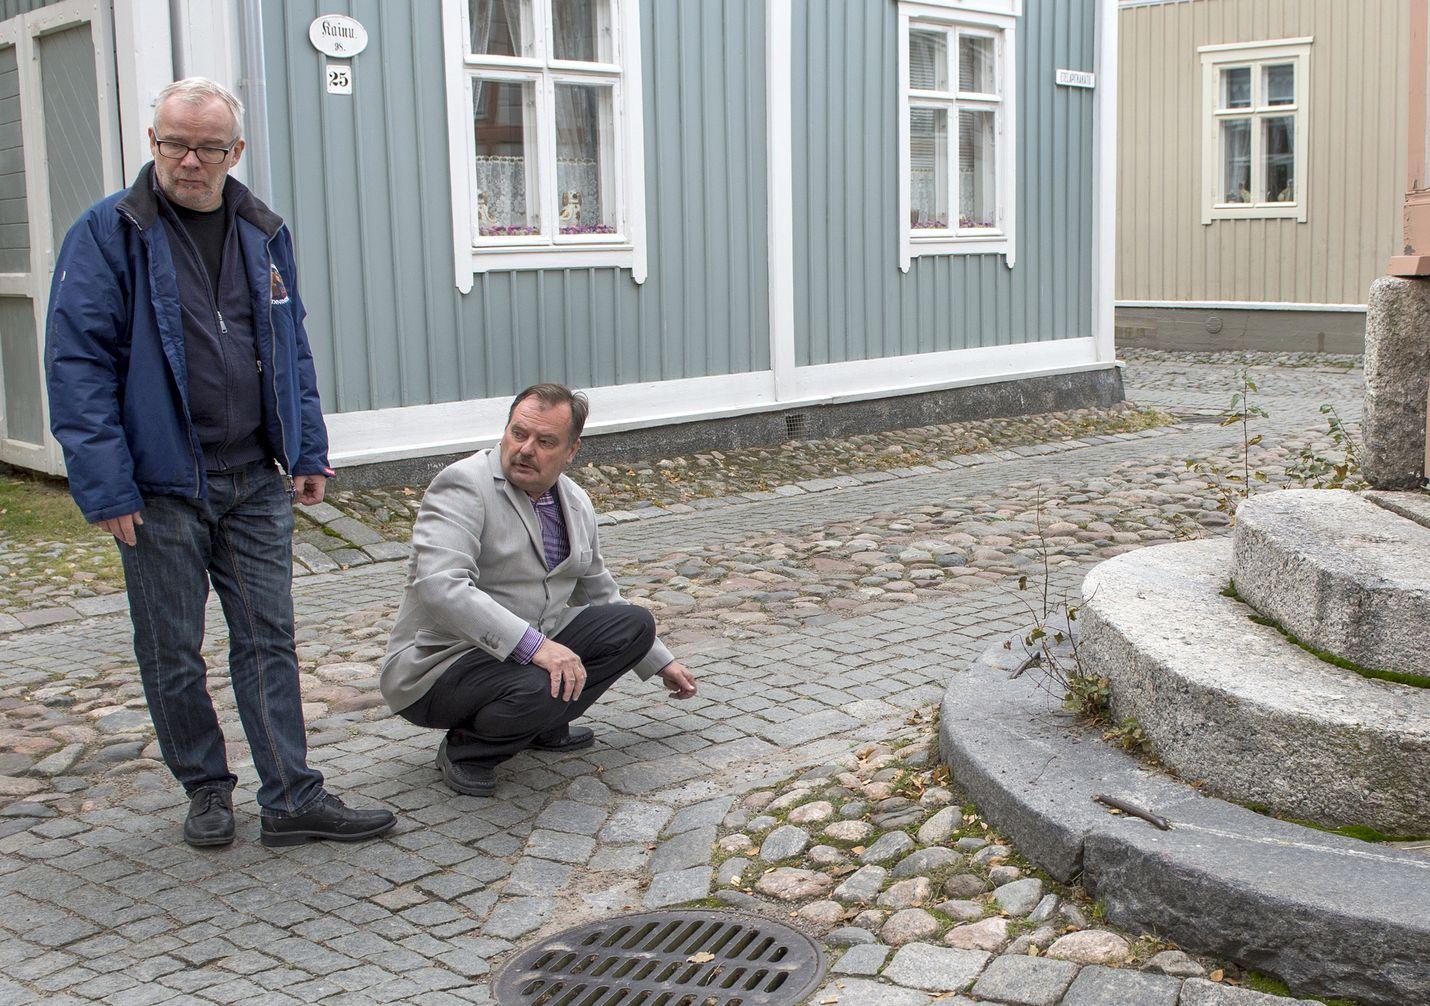 Vanhssa Raumassa sijaitseva Kekkosen matalikko on yksi Rauma ja retro -kirjan paikoista, jotka ovat säilyneet kaupunkilaisten kollektiivisessa muistissa, sanoo Tapio Niemi. Kirjan uudet värikuvat ovat Antero Lynnen.